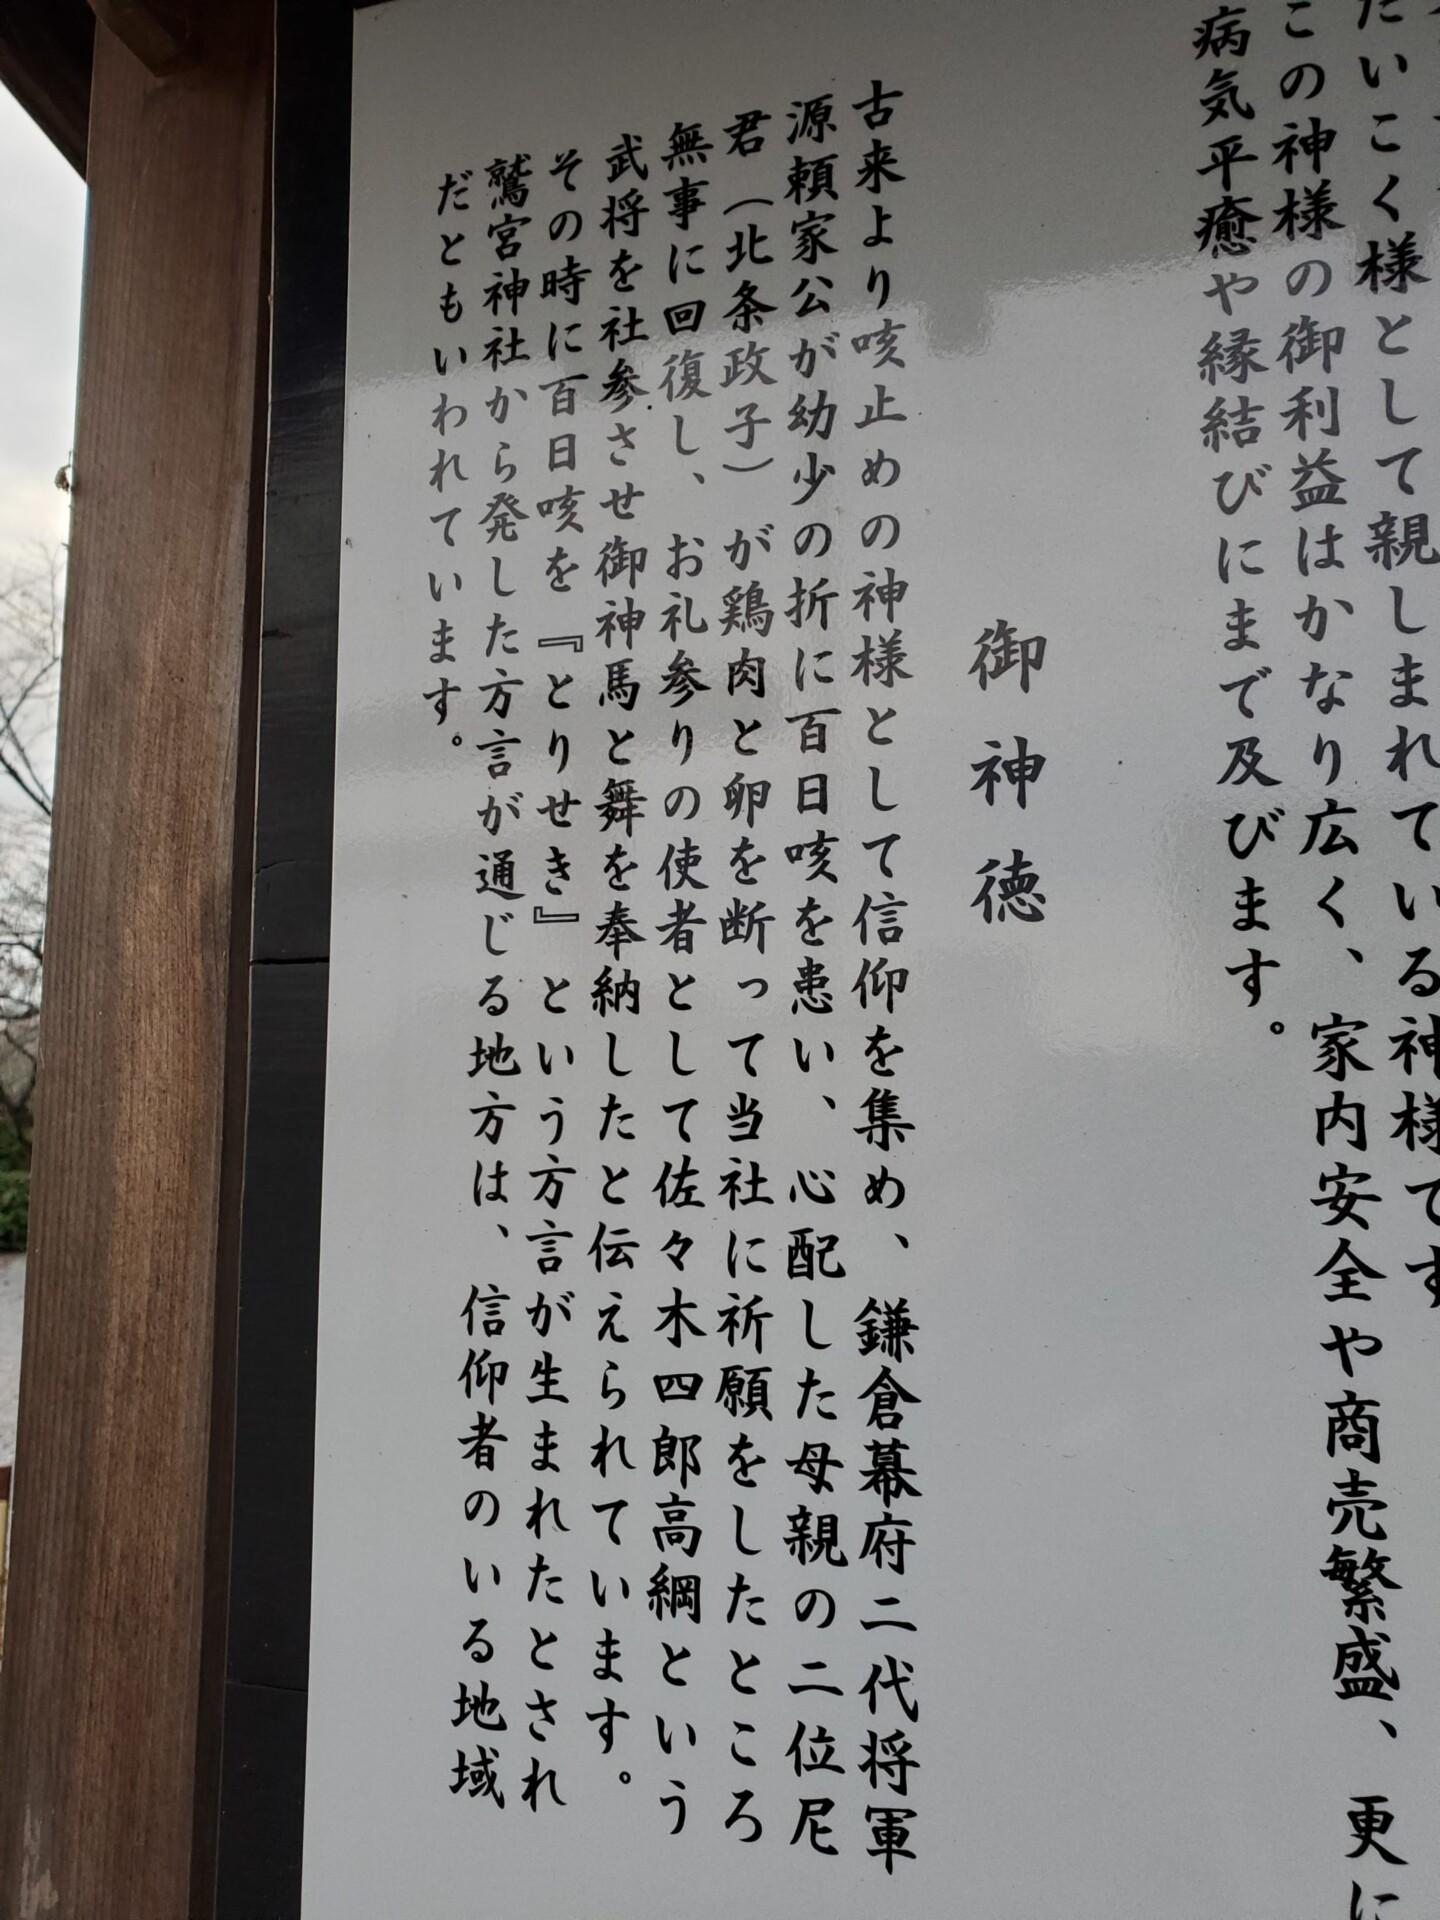 鷲宮神社 由緒書き (ニワトリと百日咳の信仰)